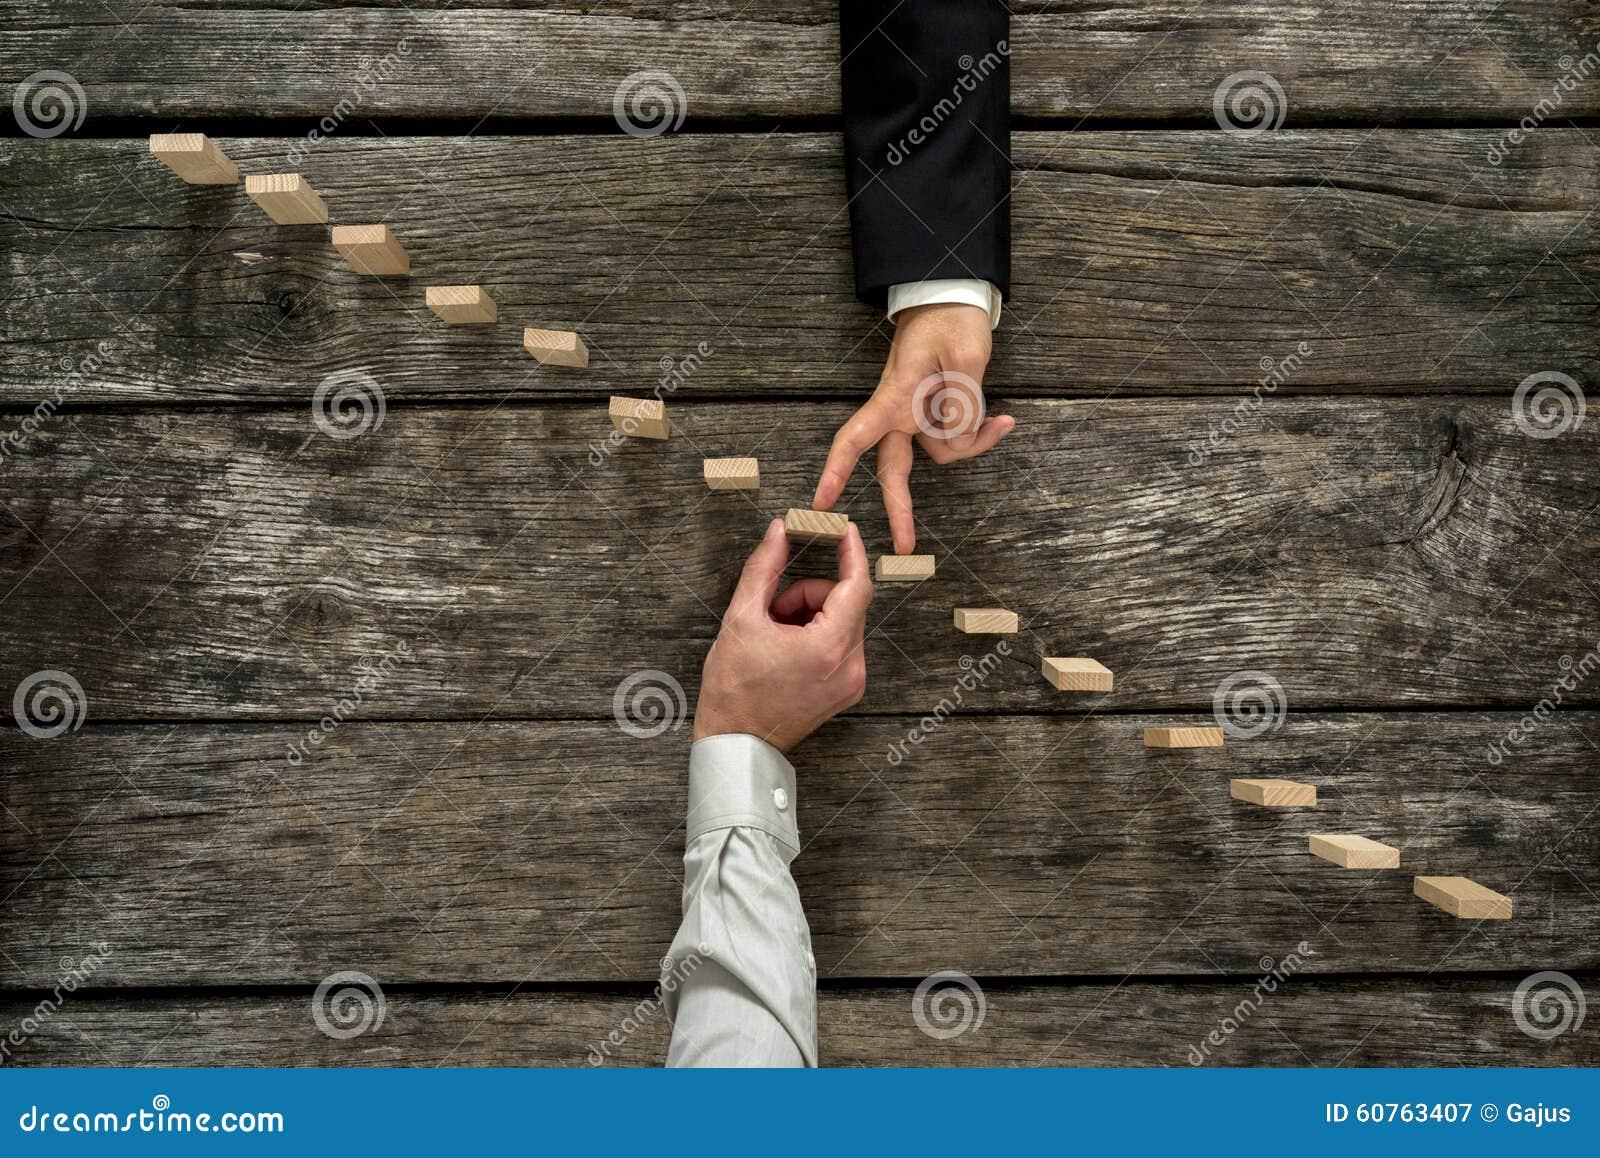 企业合作和支持的概念性图象